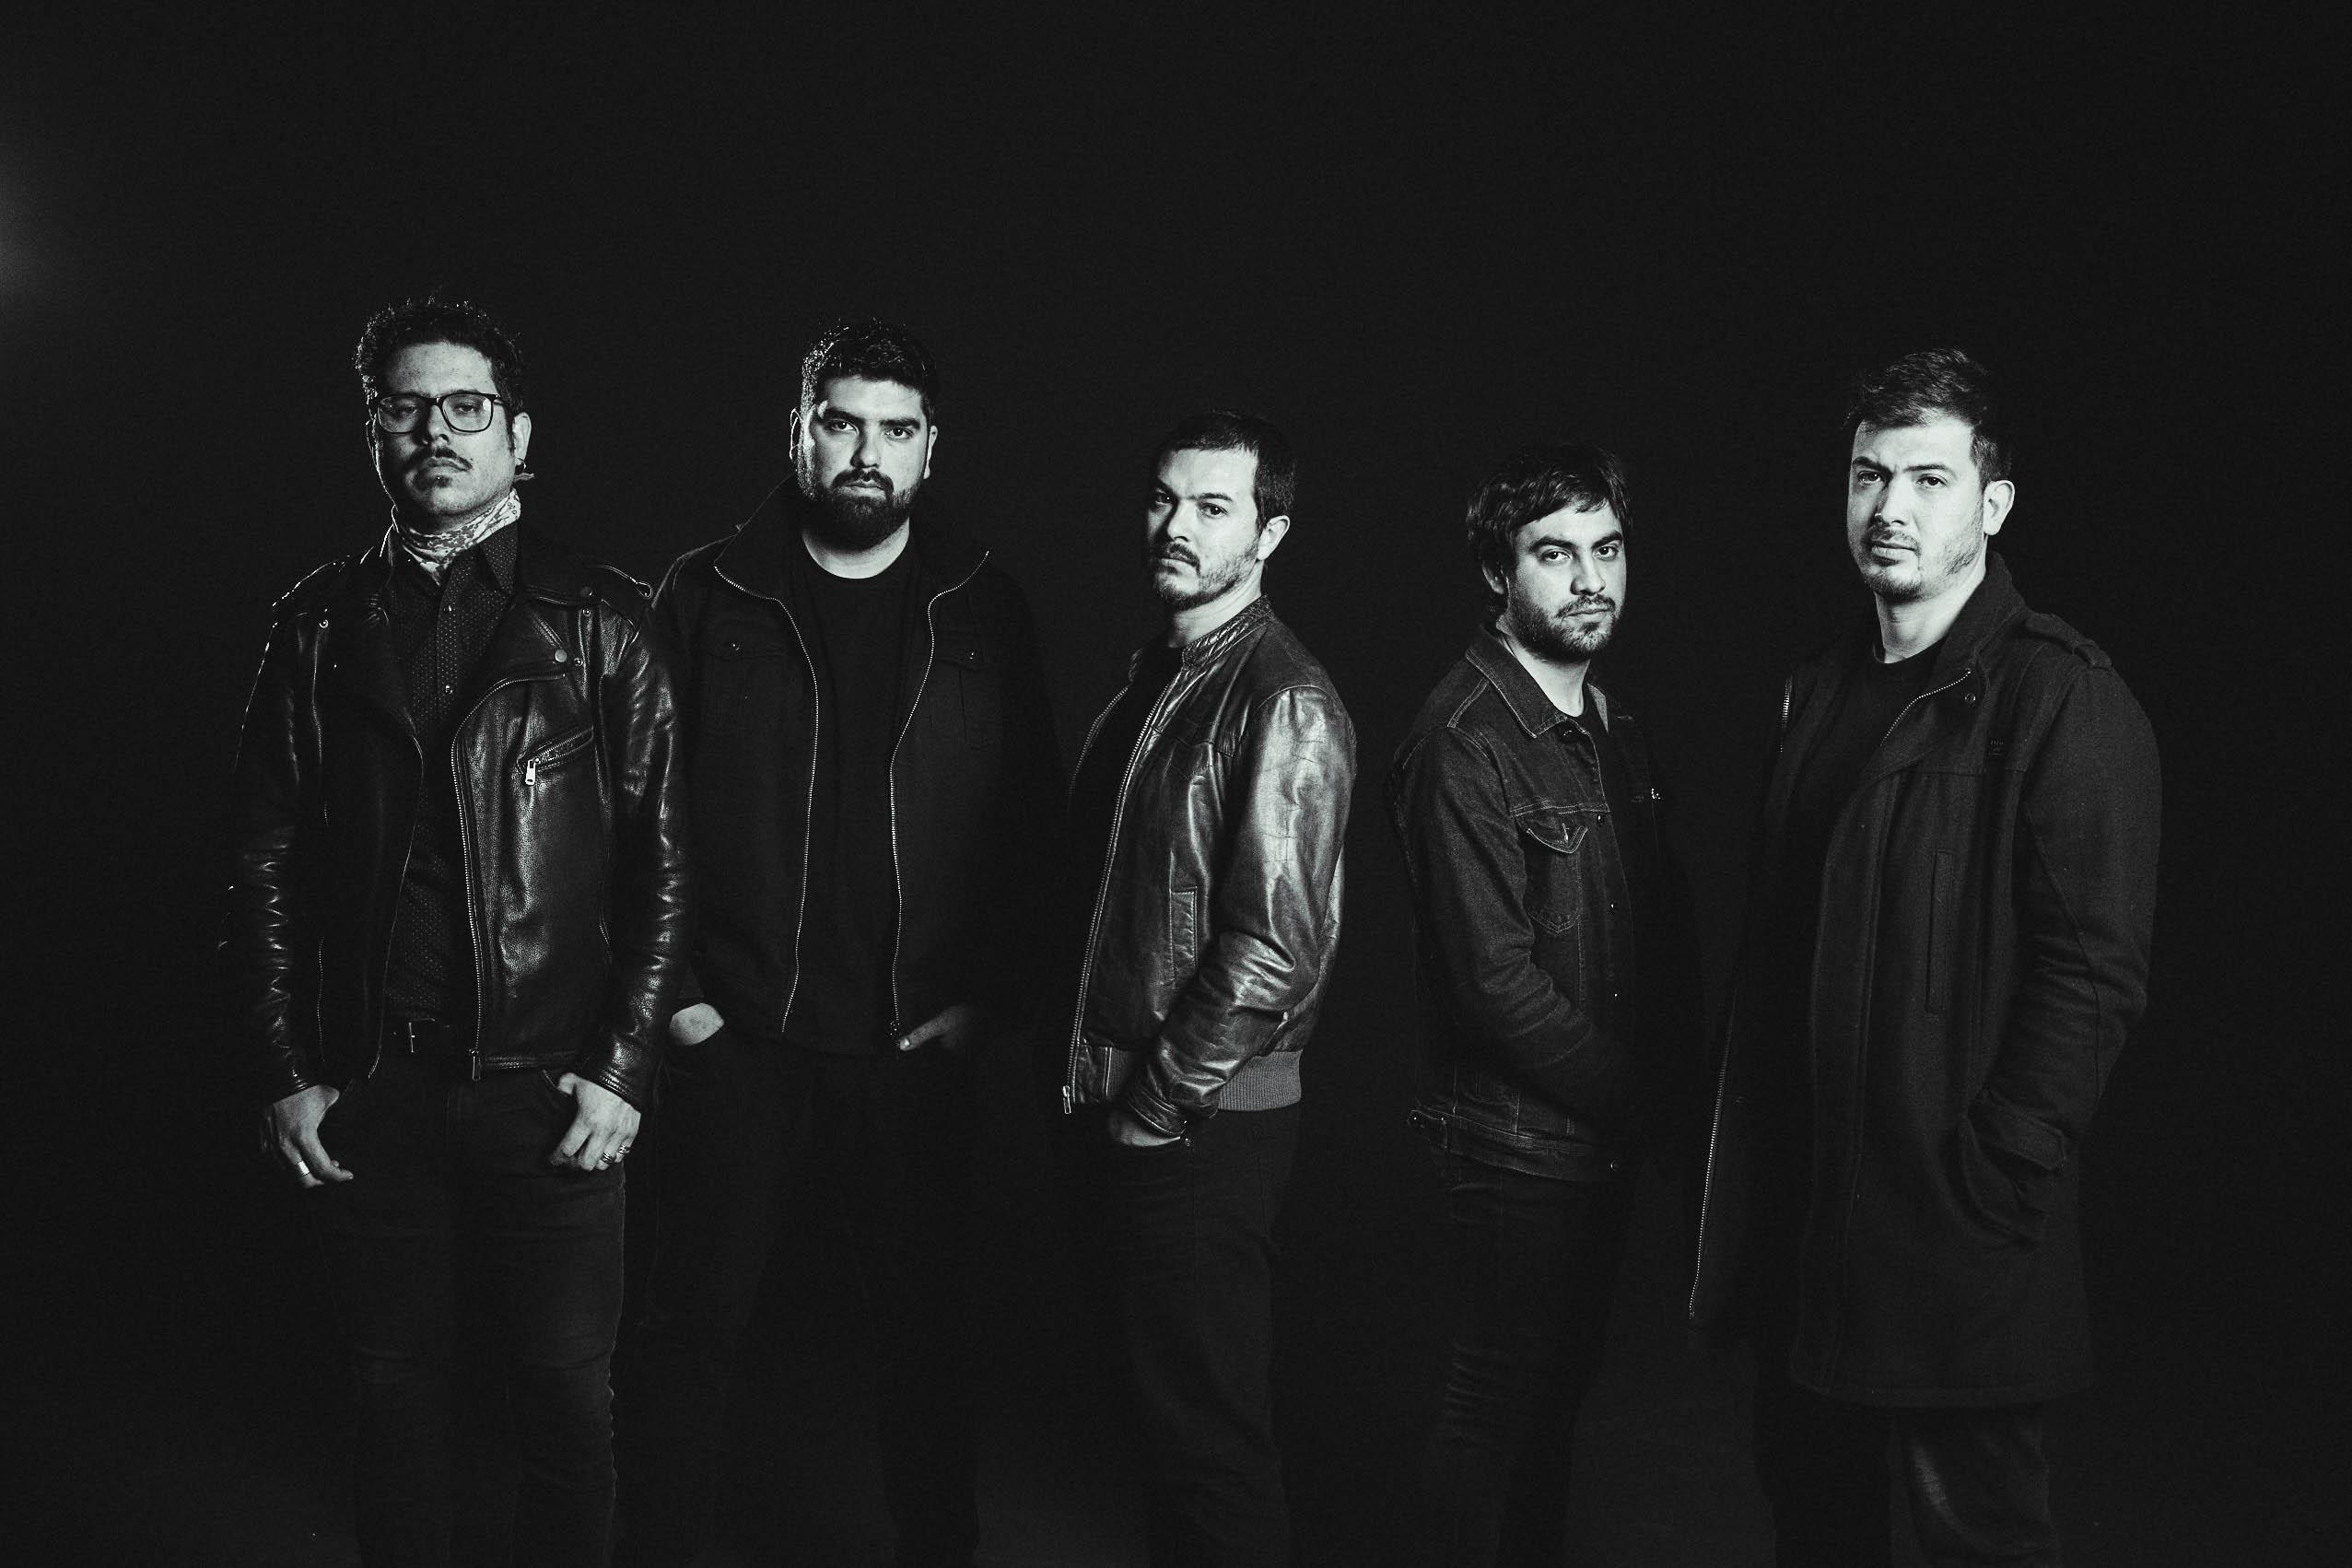 Escucha Saudade, el álbum debut de Meridiano de Zürich